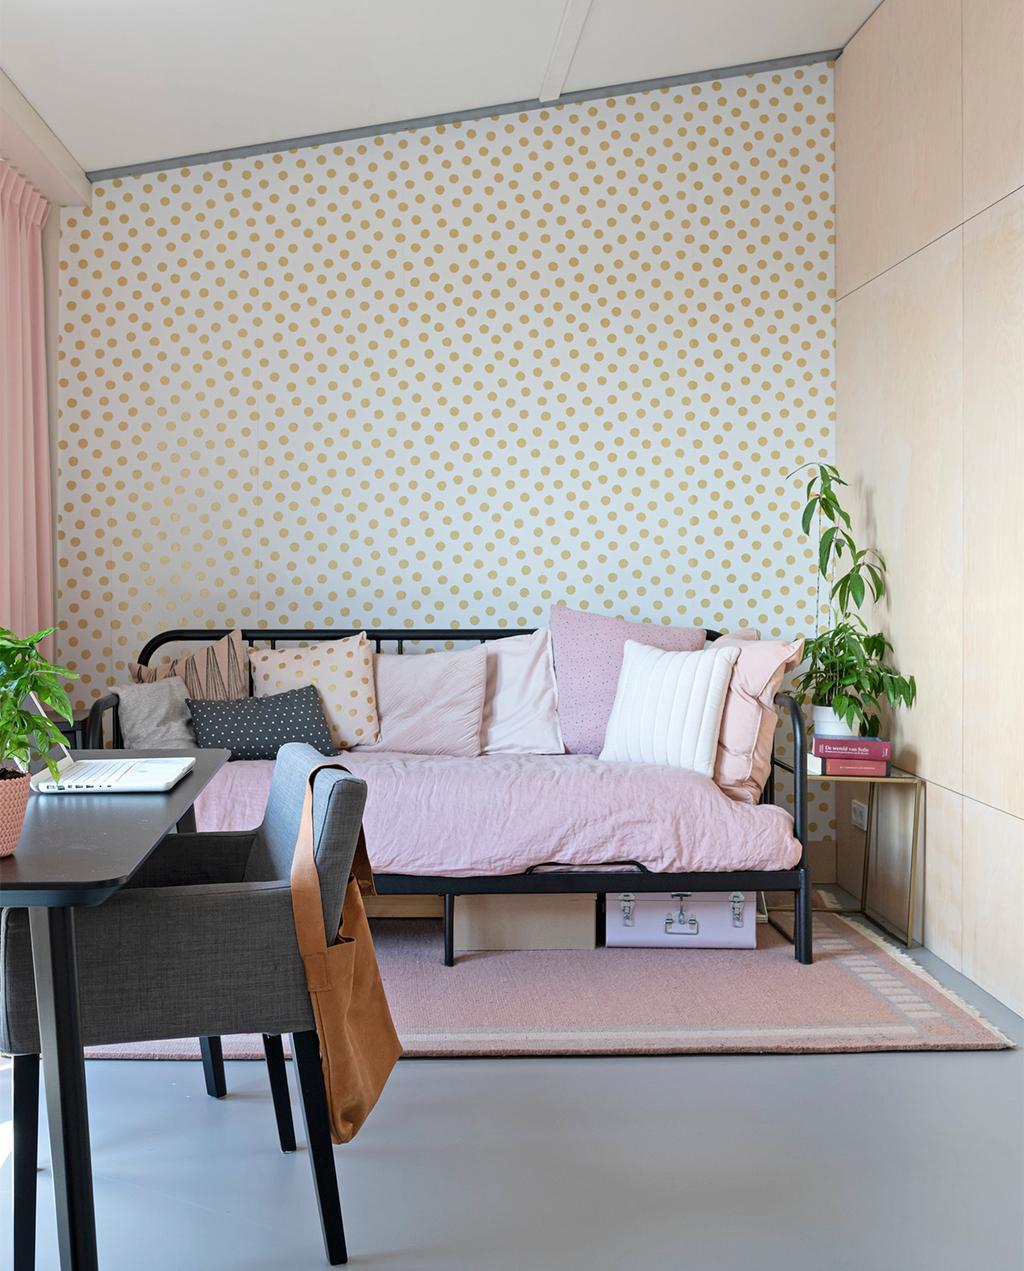 vtwonen 07-2021 | behang met stippen en een slaapkamer met roze dekbedovertrek